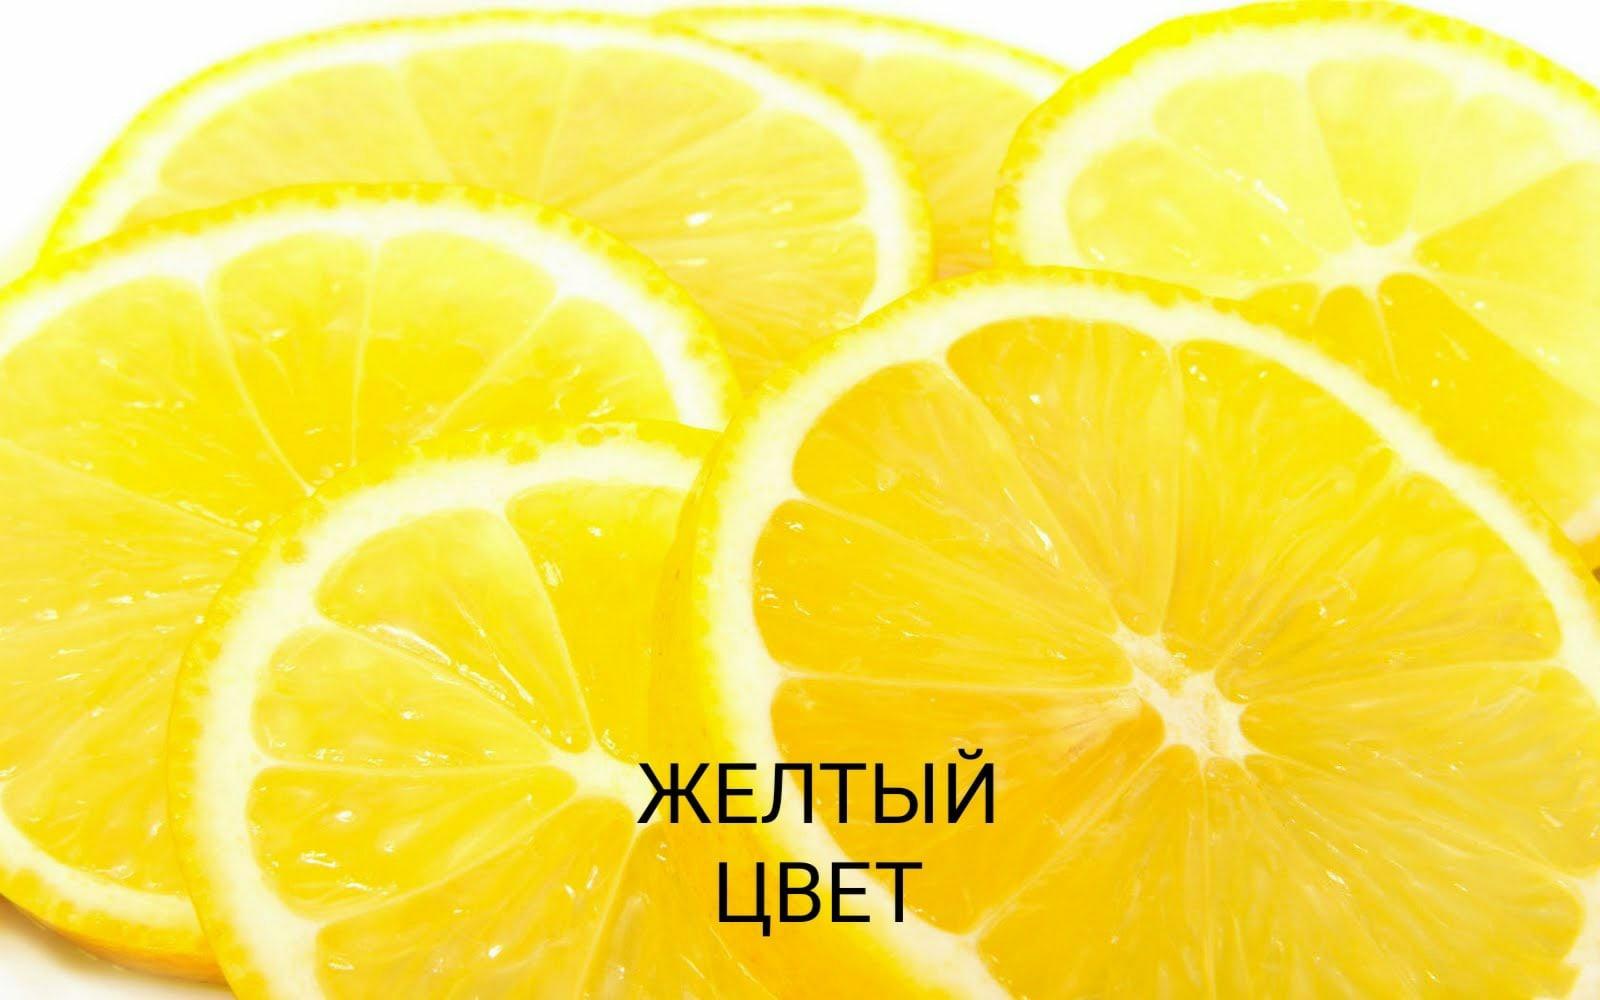 Желтая нитка УДАЧА WEVqITPXDF4